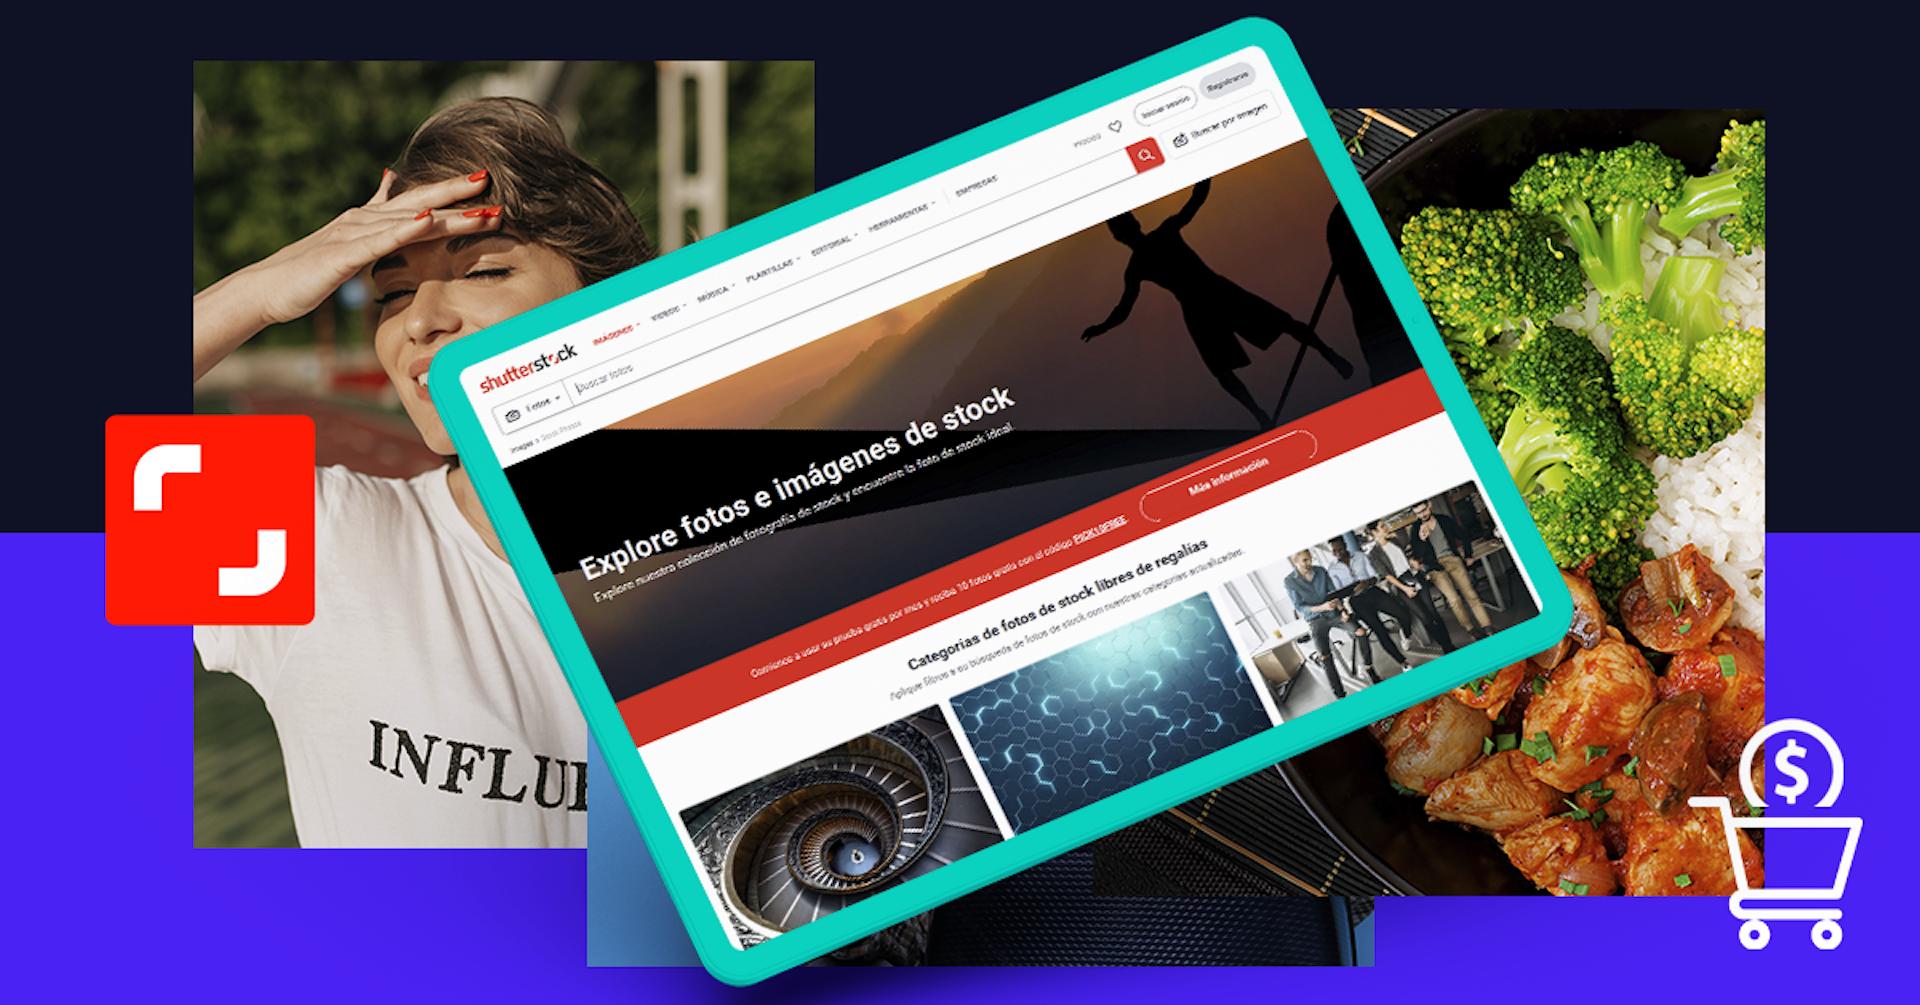 Fotografía de Stock: ¿Cómo vender mis fotos en Shutterstock?